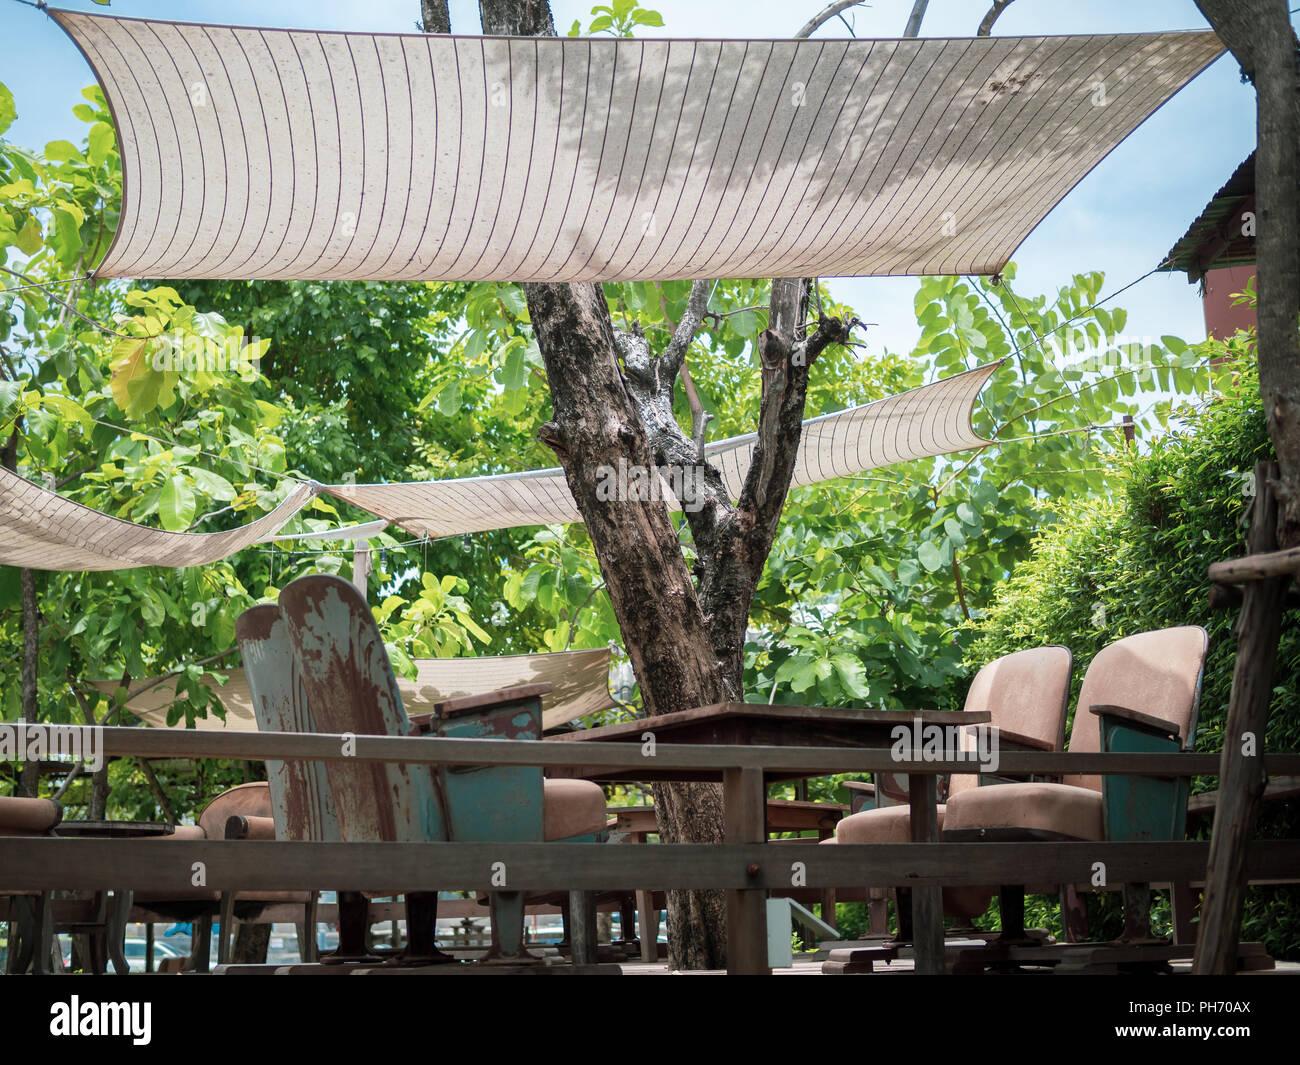 Vintage Fauteuils Avec Table En Bois Sur La Terrasse En Bois Avec